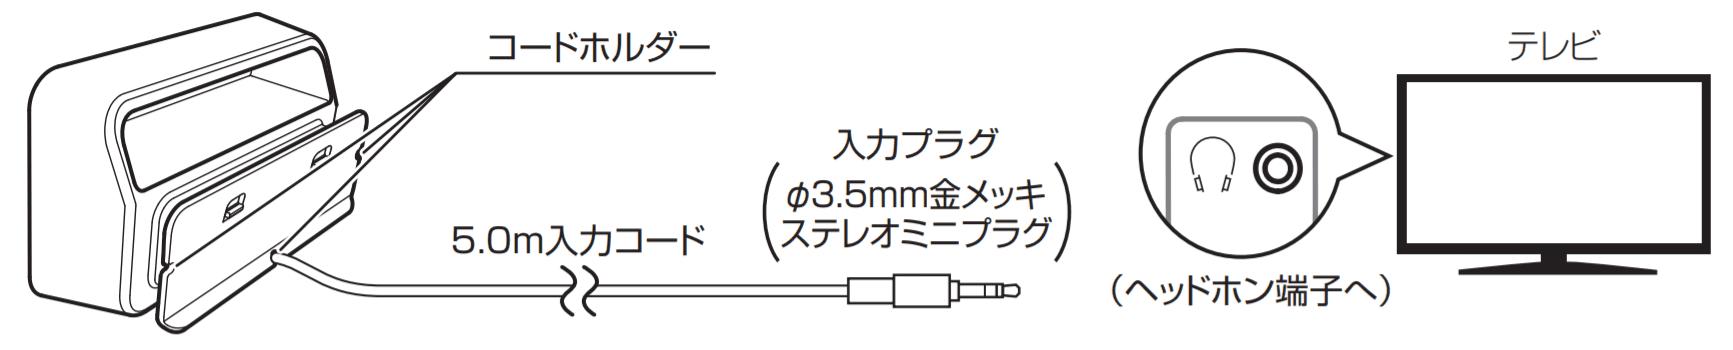 audio-technica AT-SP230TV 簡単接続